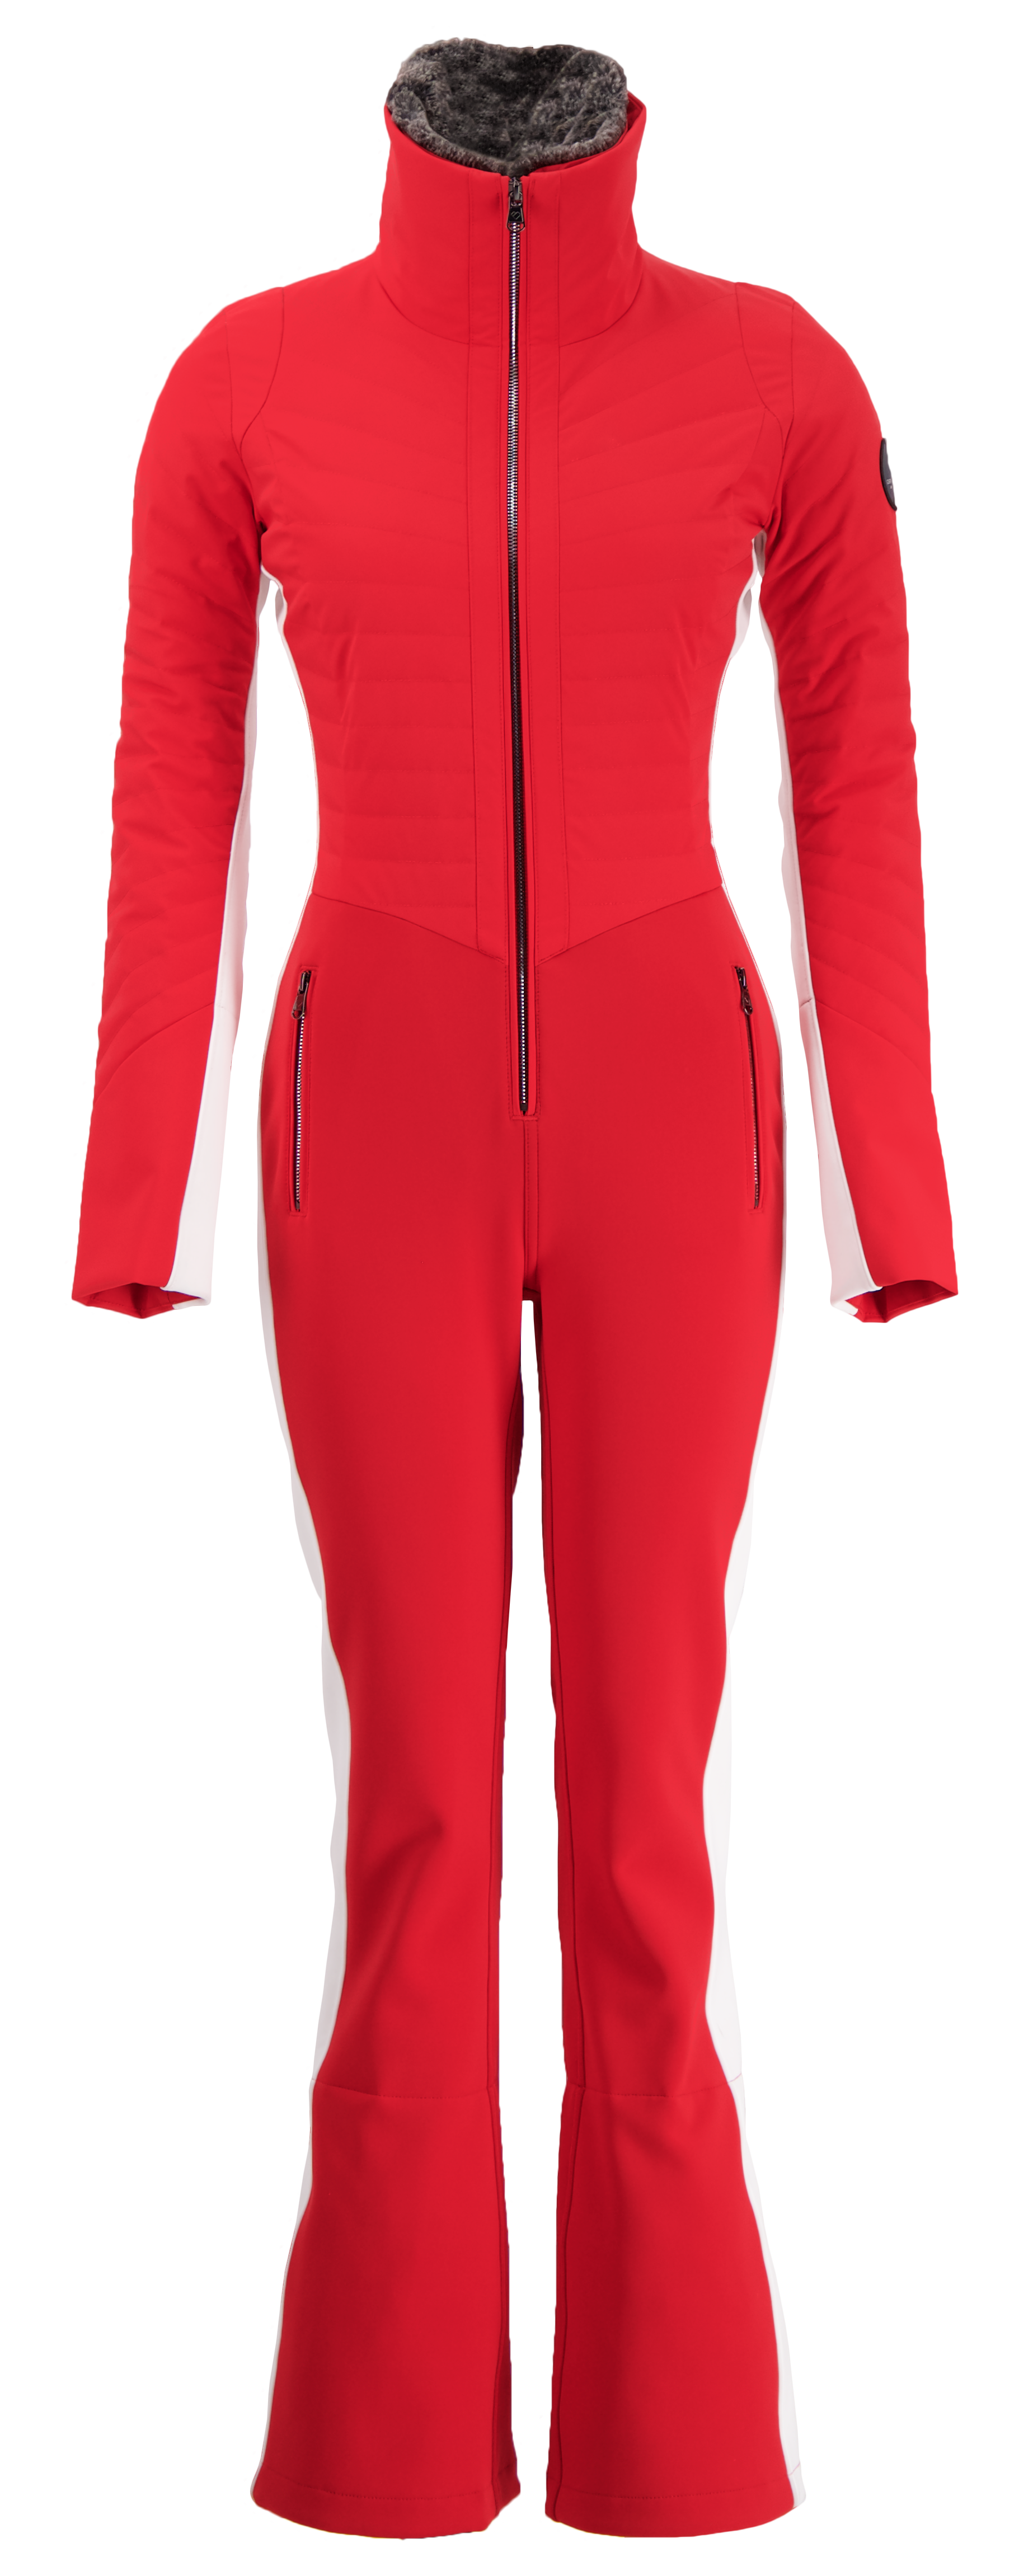 Racer eX 0202